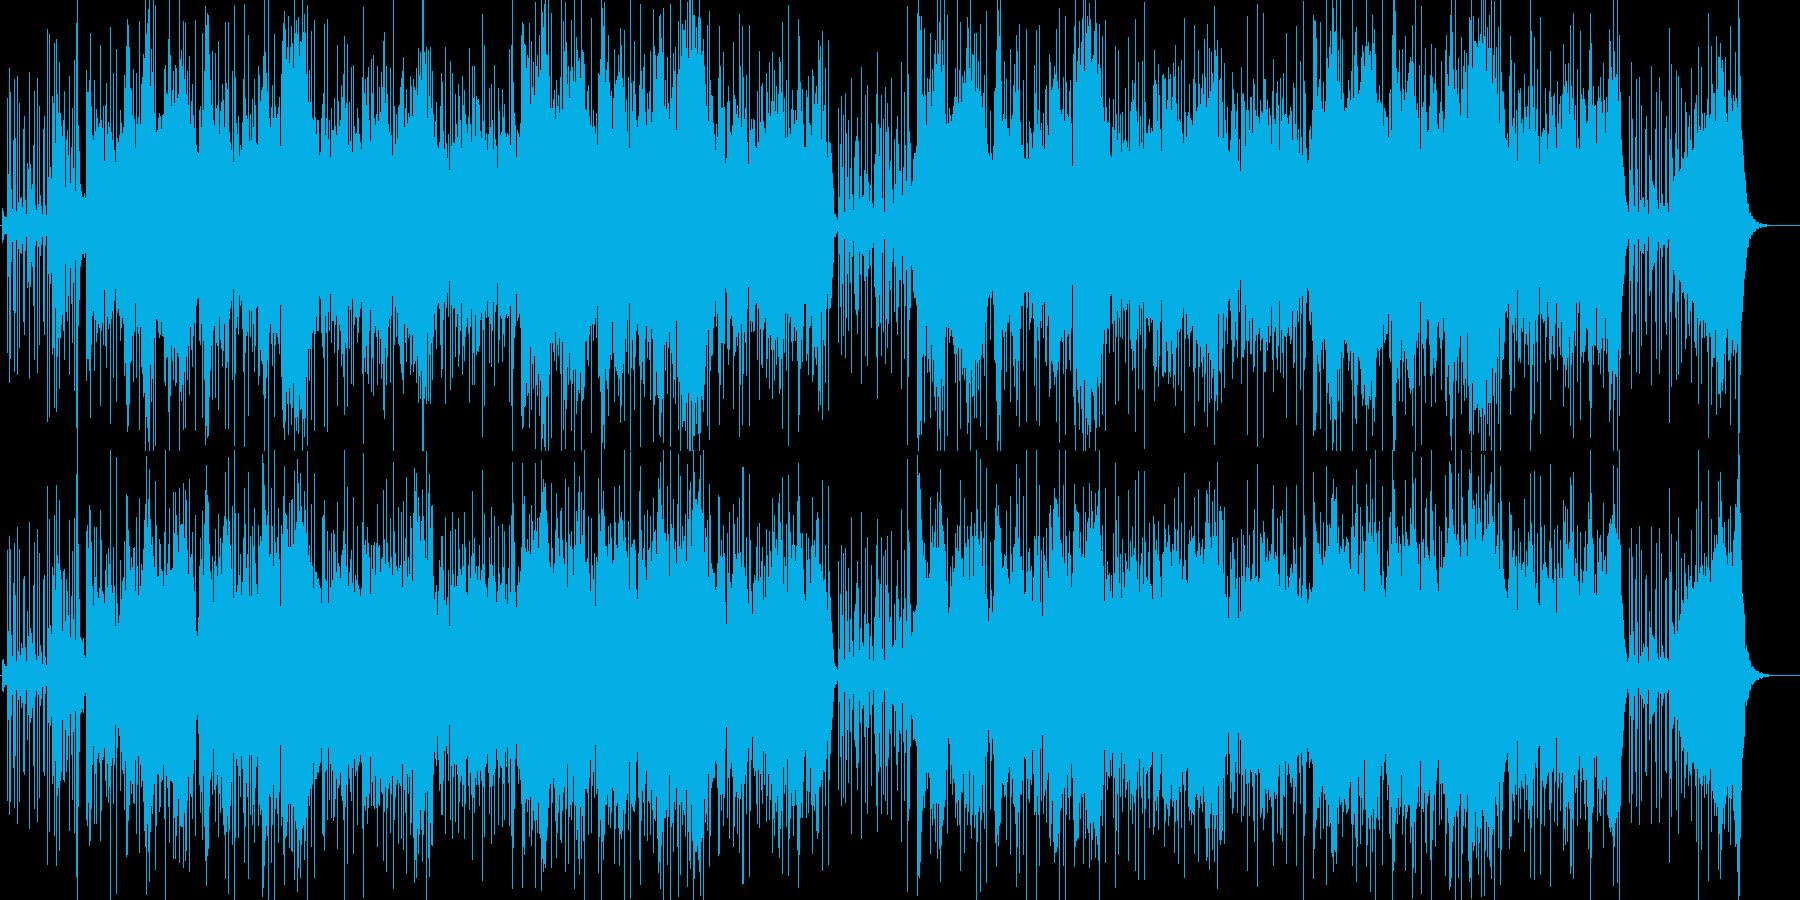 異国感漂う砂漠の曲の再生済みの波形